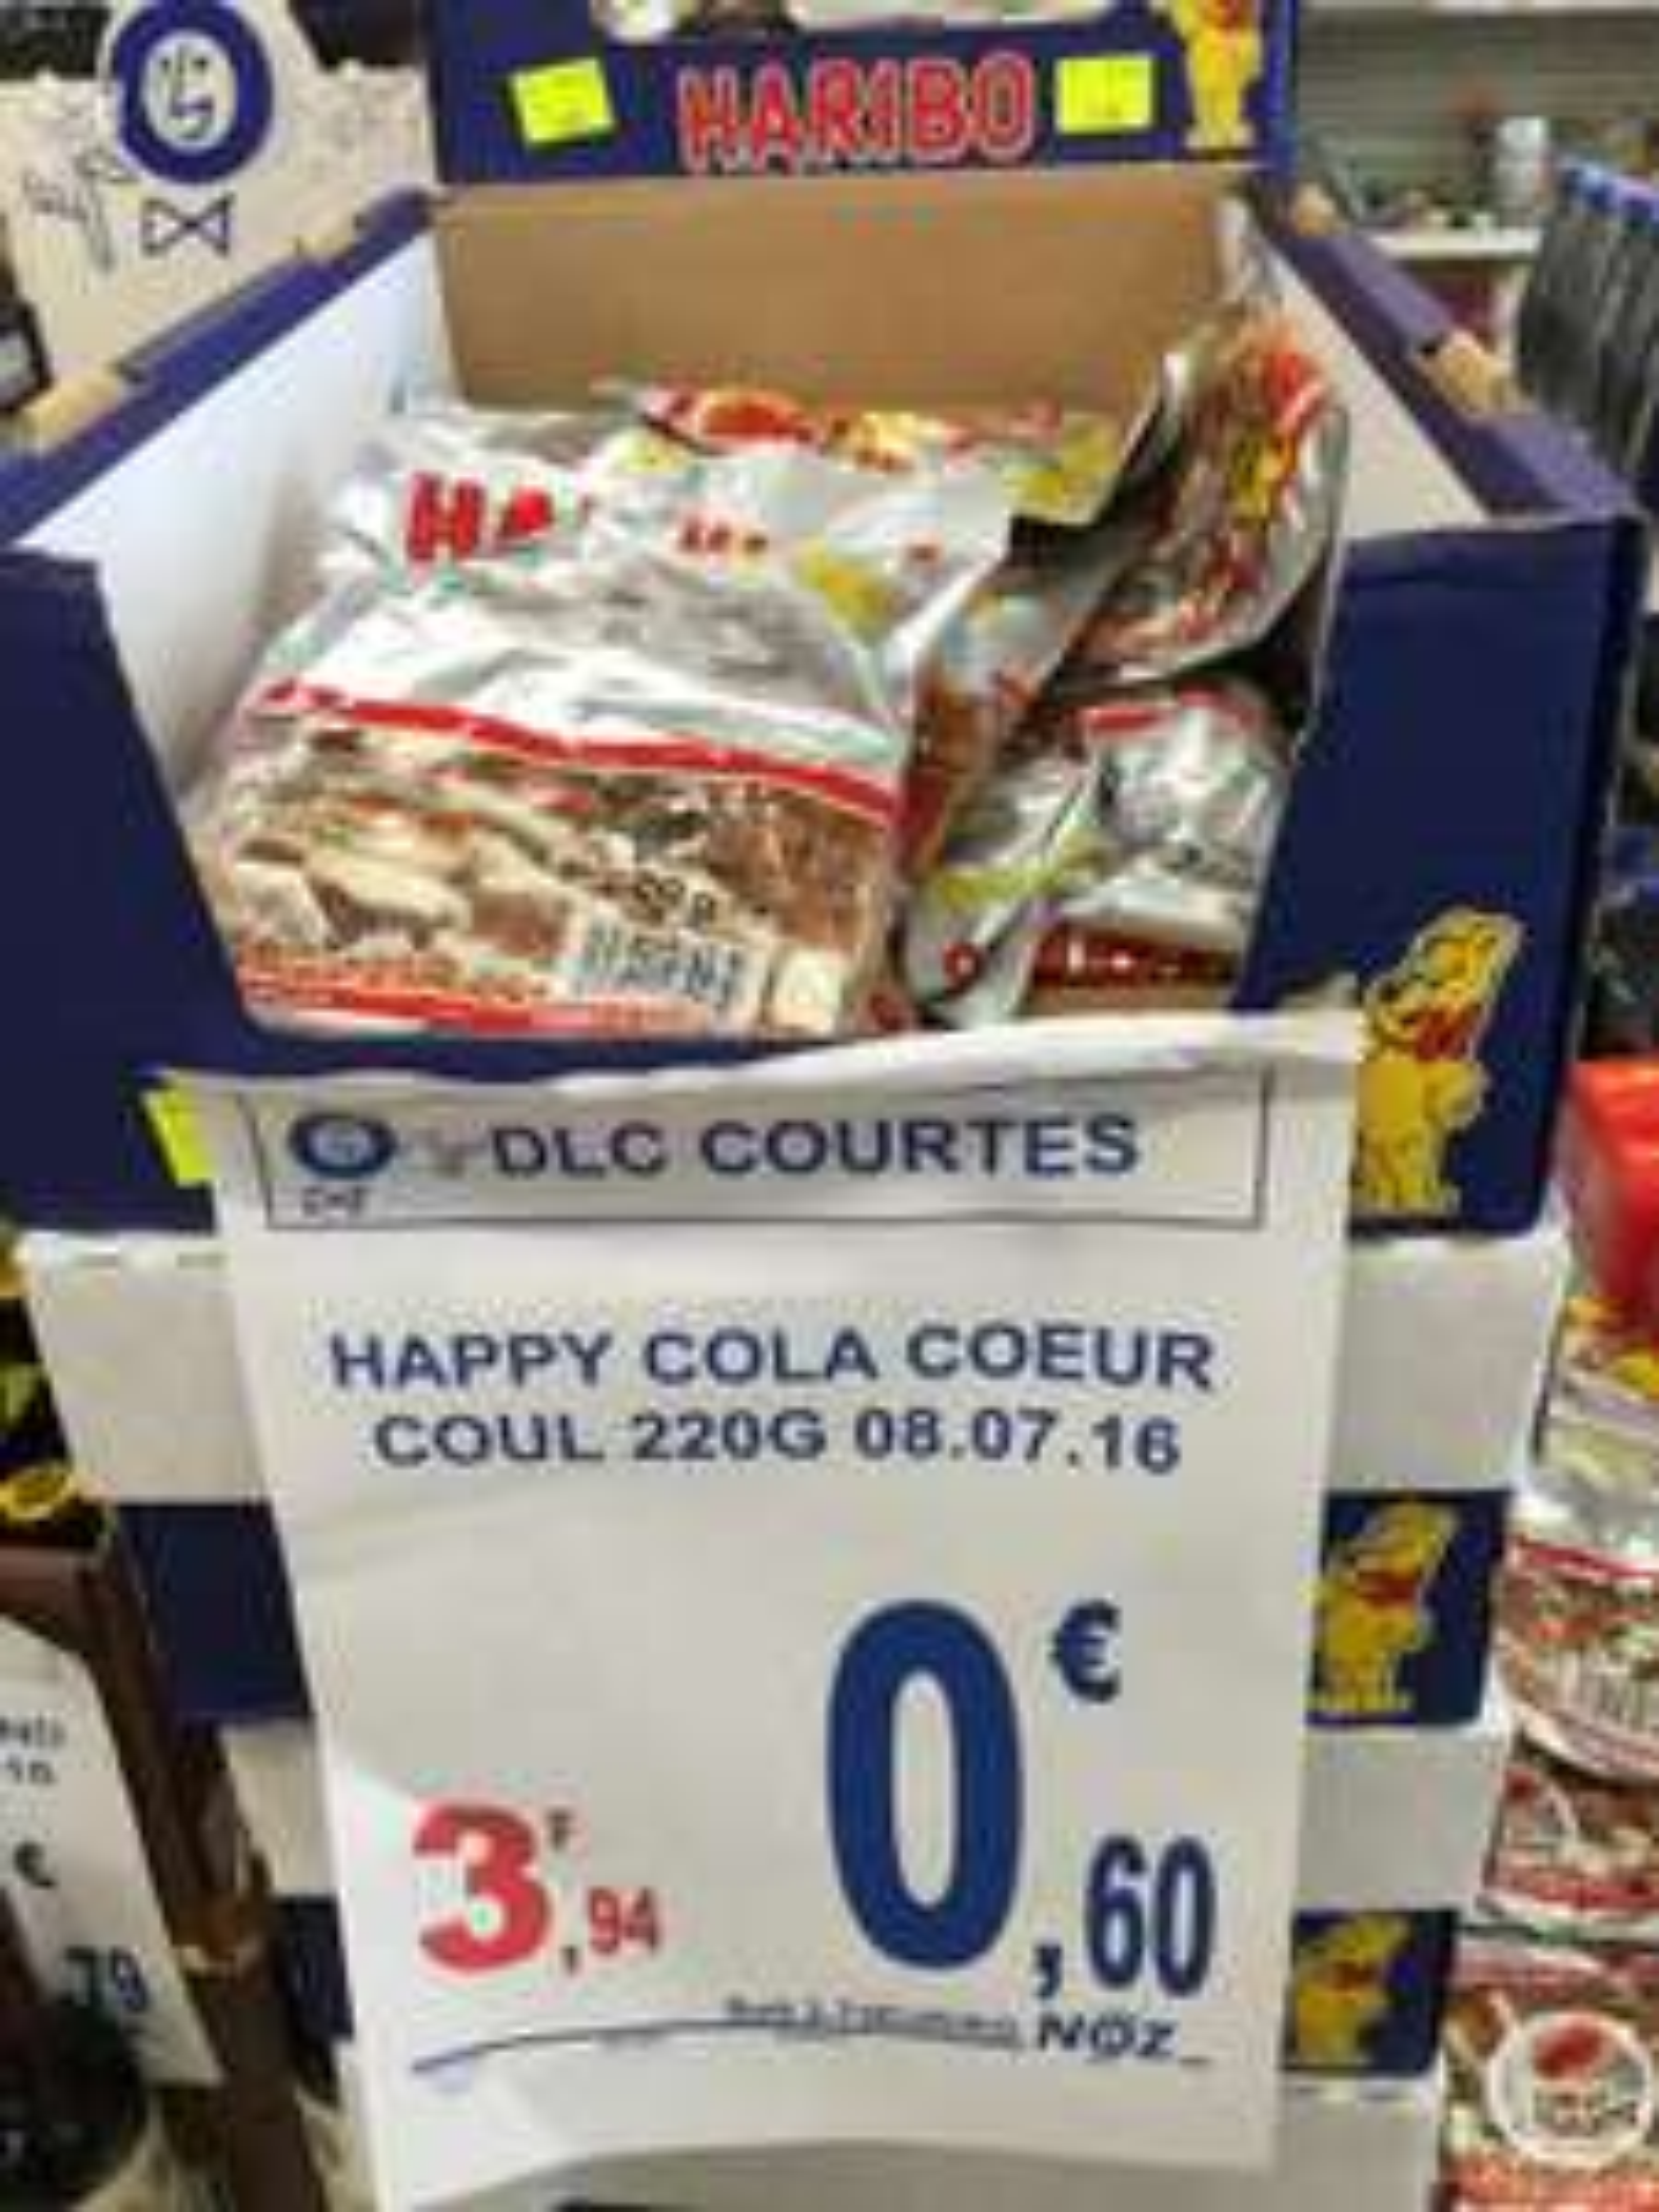 Sachet de Bonbons Haribo Happy Cola Coeur coulant (DLC courte)